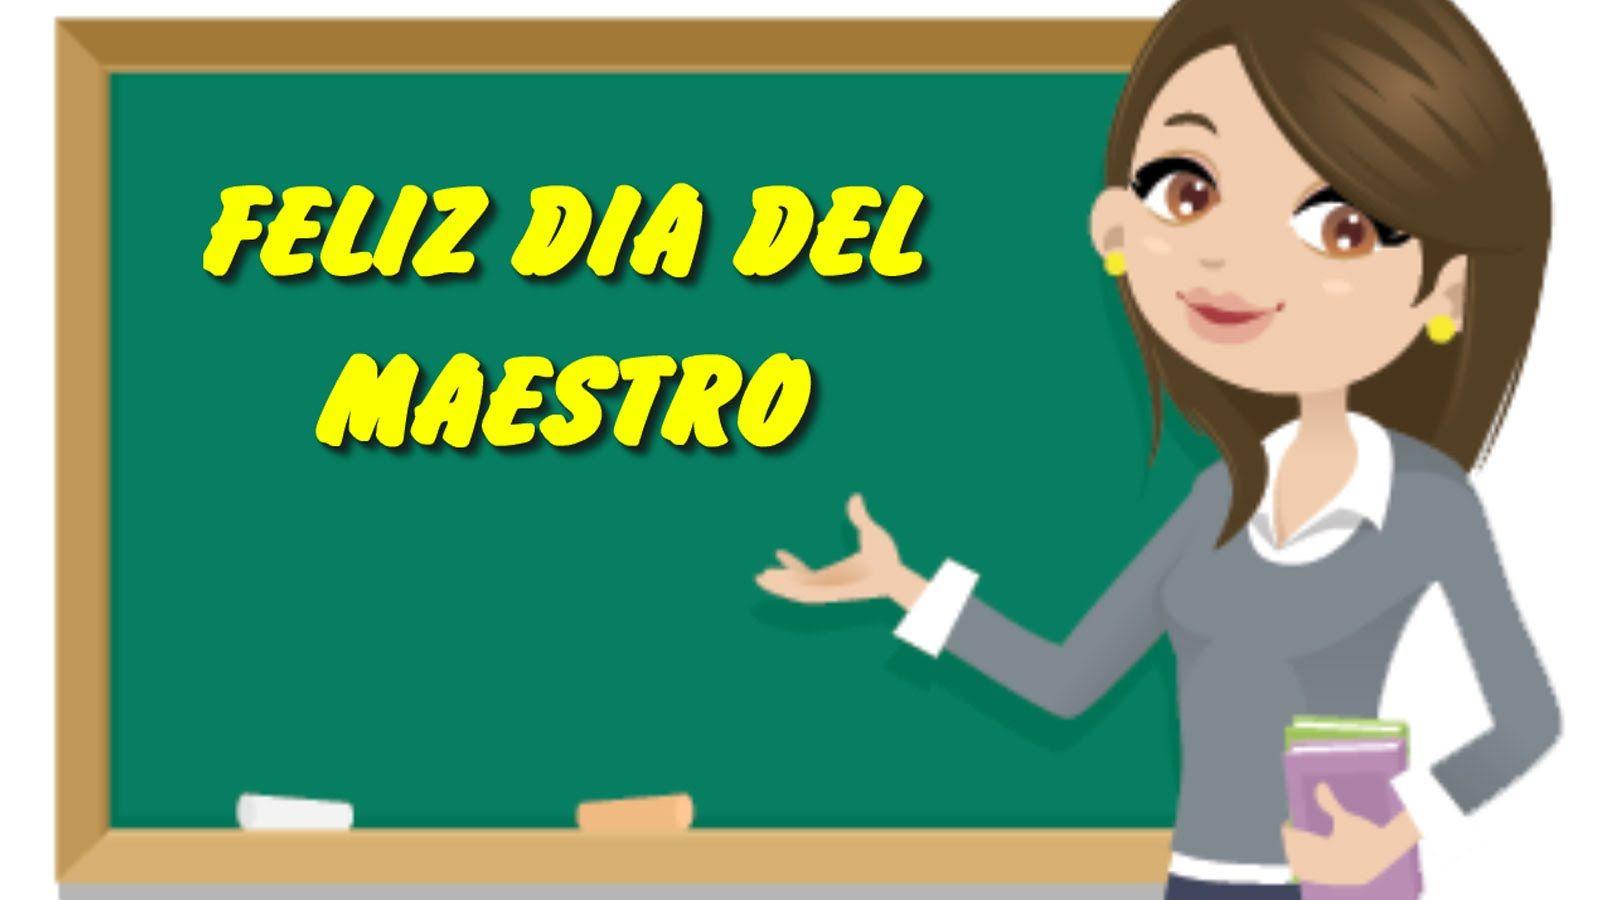 Feliz Dia Del Maestro, Feliz Día Del Profesor, Frases Y